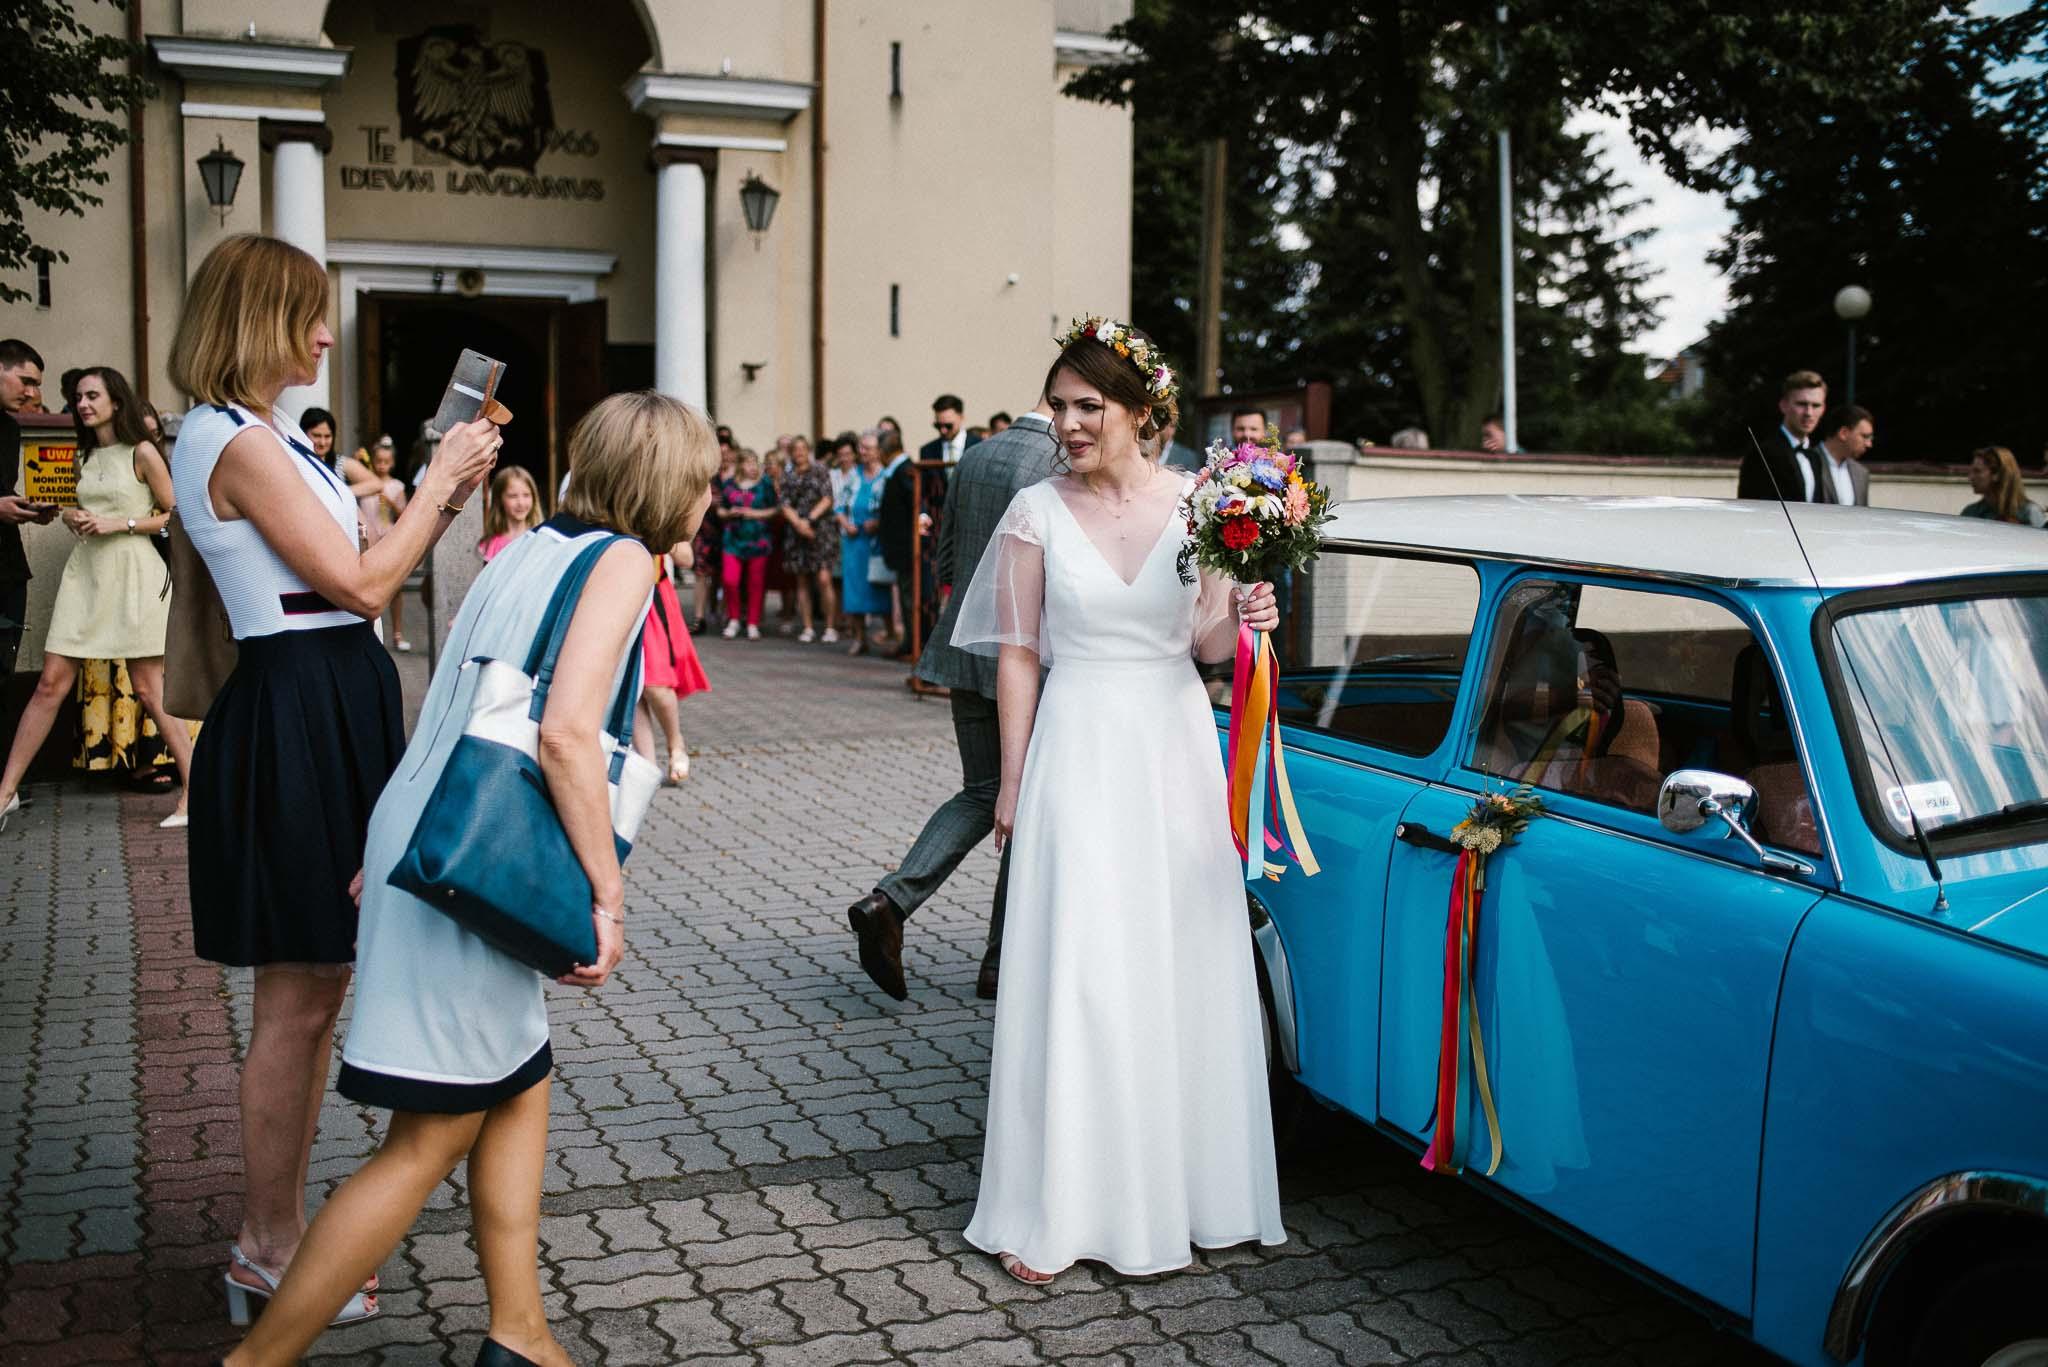 Panna młoda wchodzi do niebieskiego trabanta - ślub w stodole Dyrkowo